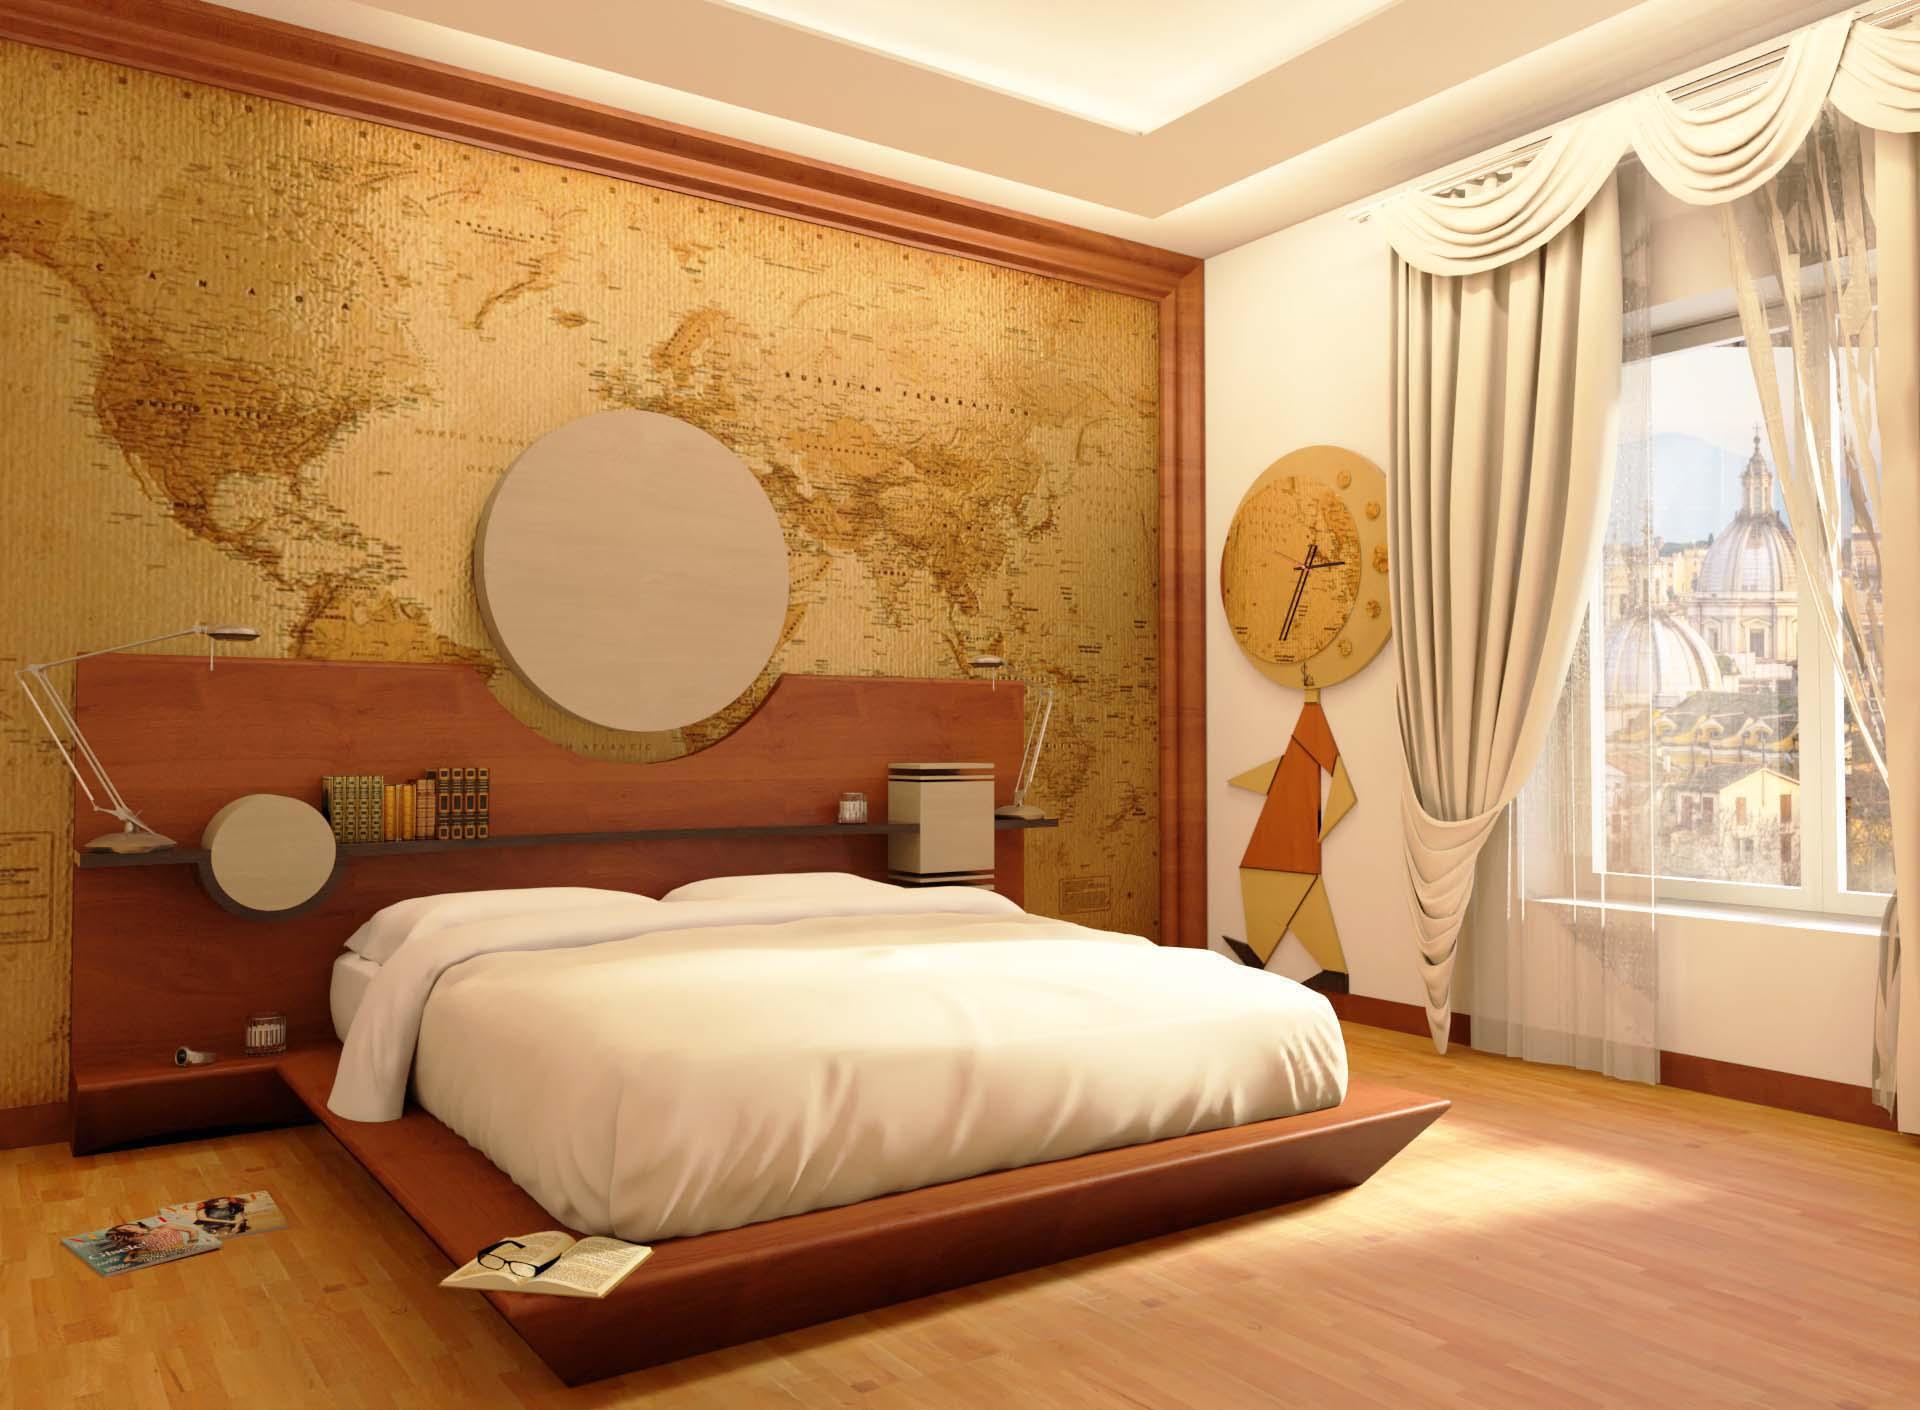 Camera da Letto progettata con il metodo Feng-Shui